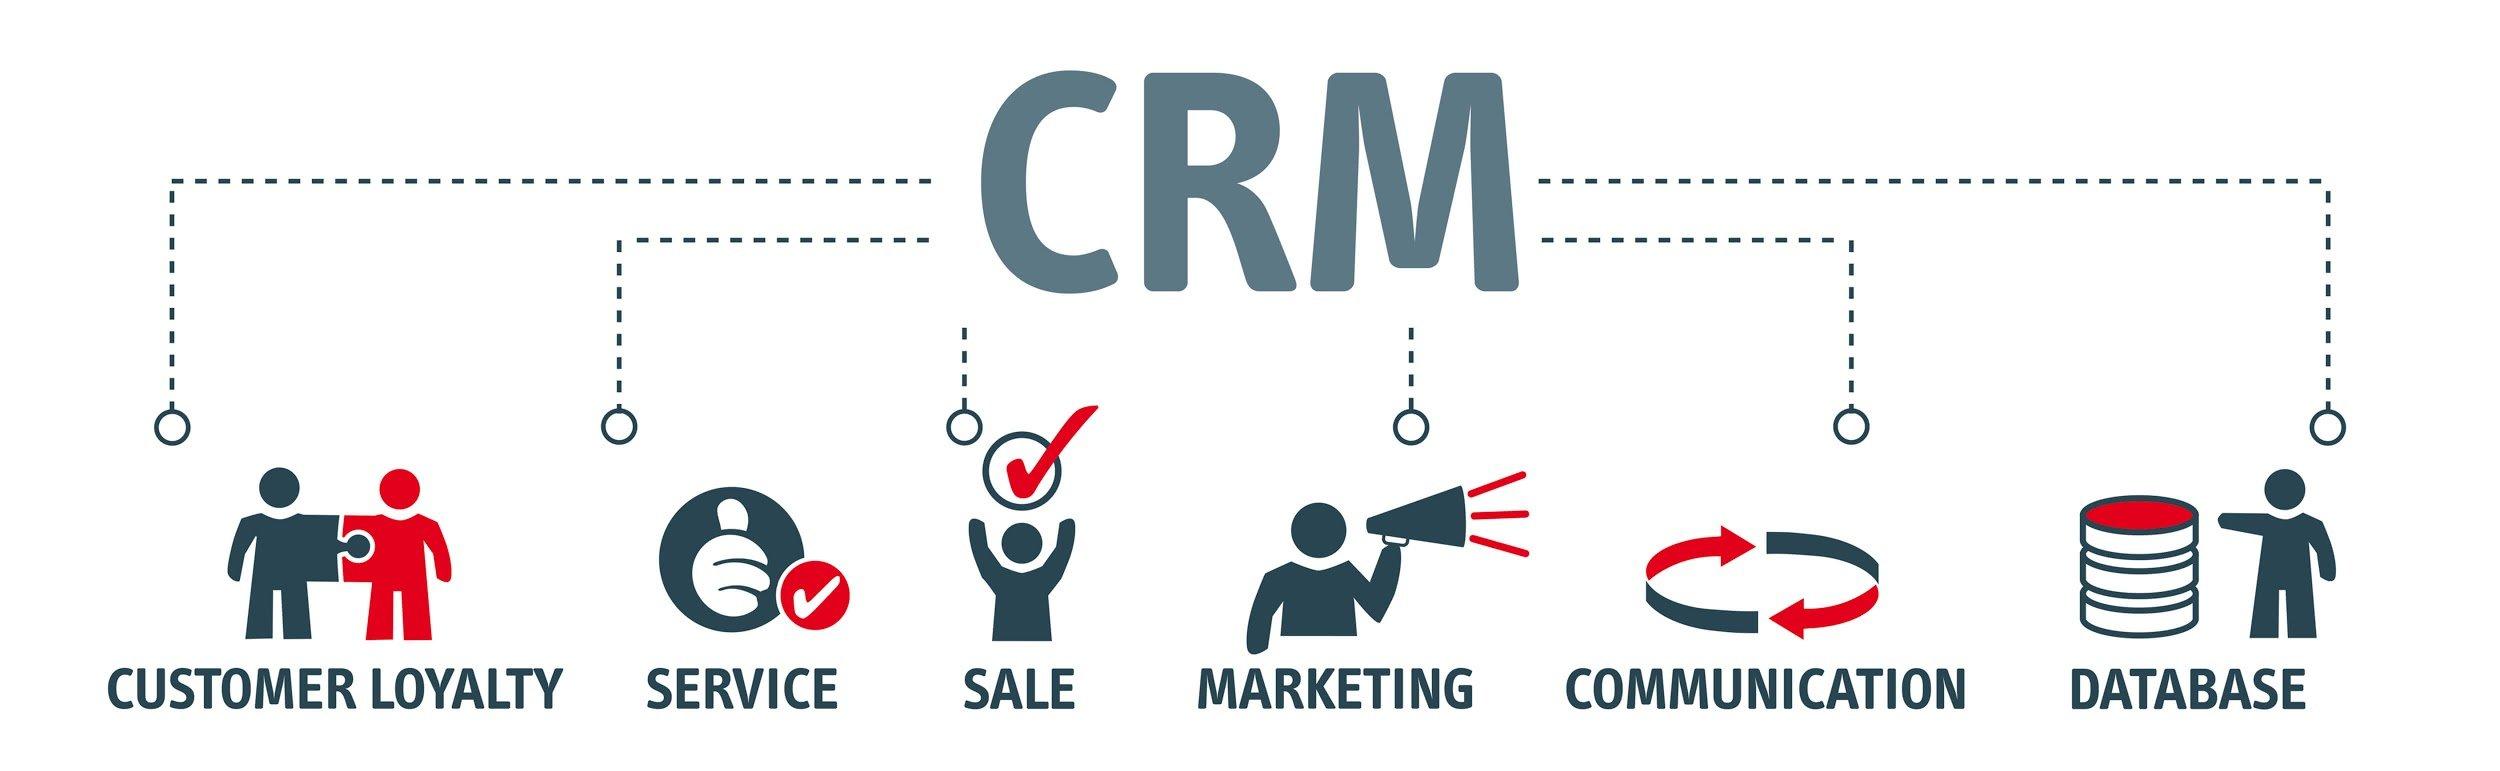 ilustração com sigla CRM com diretrizes do assunto